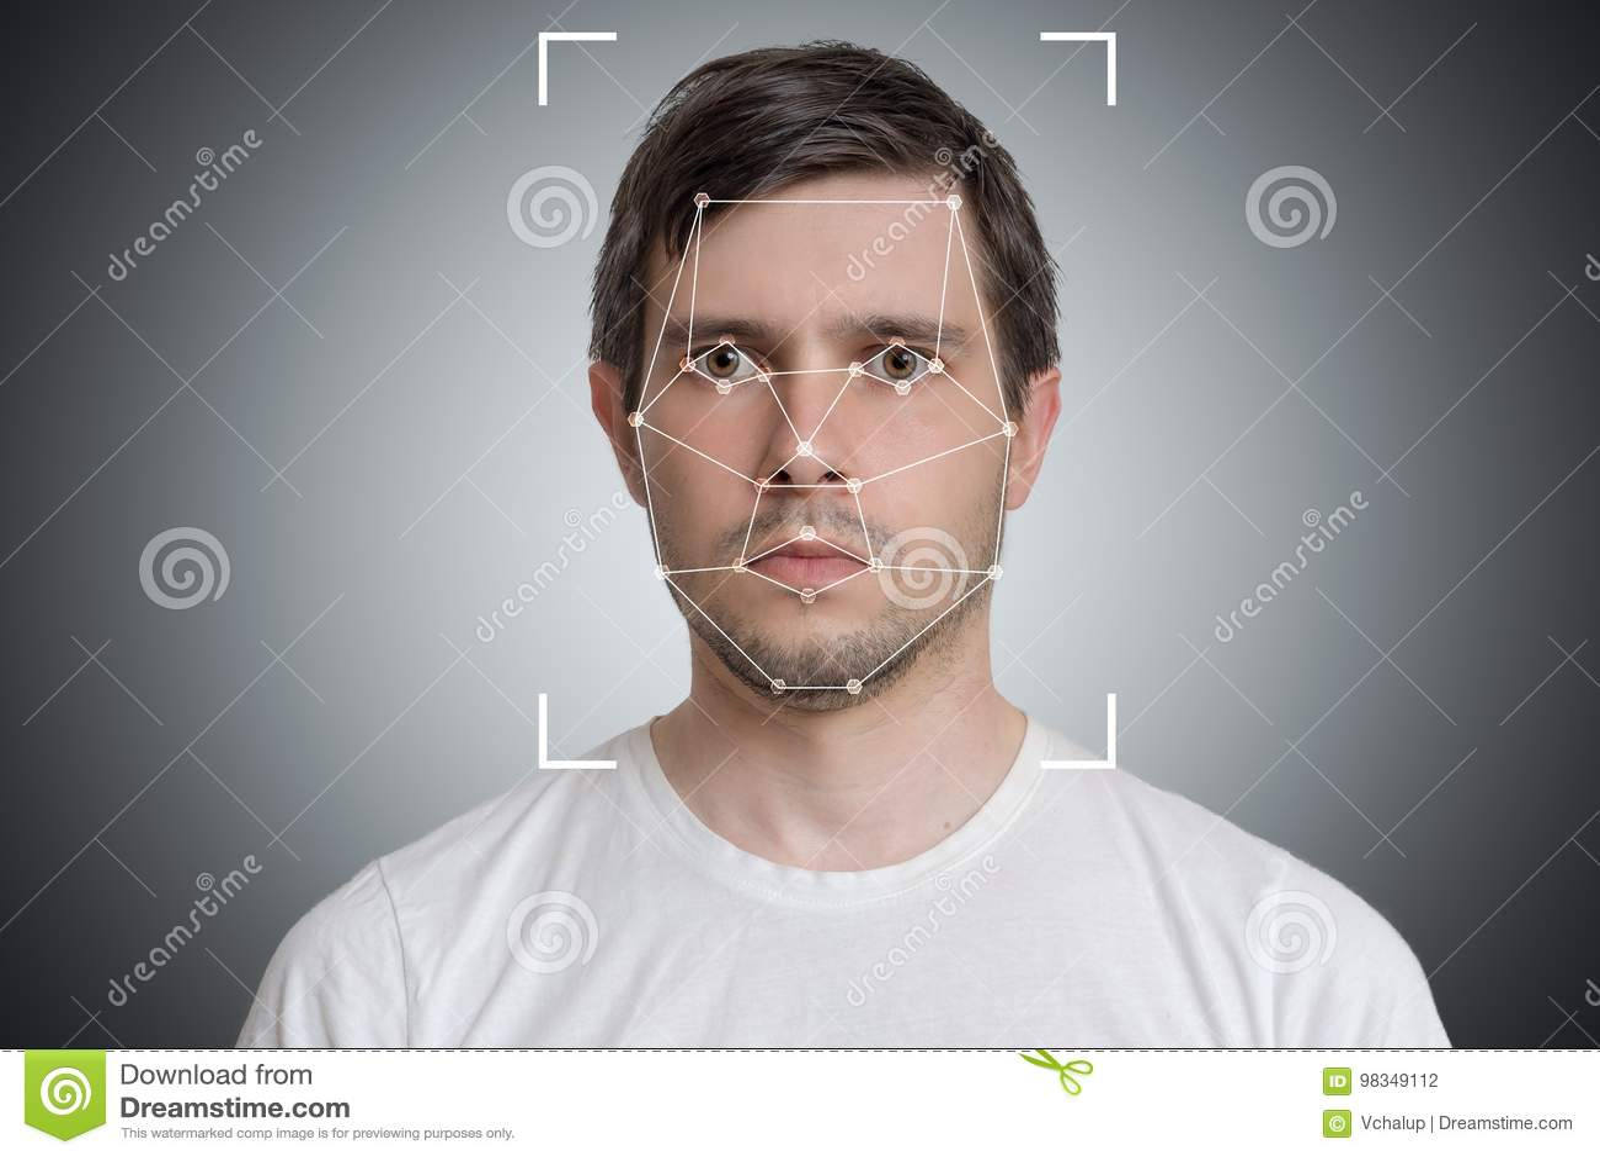 Detección de la cara y reconocimiento del hombre Visión de ordenador y concepto de la inteligencia artificial